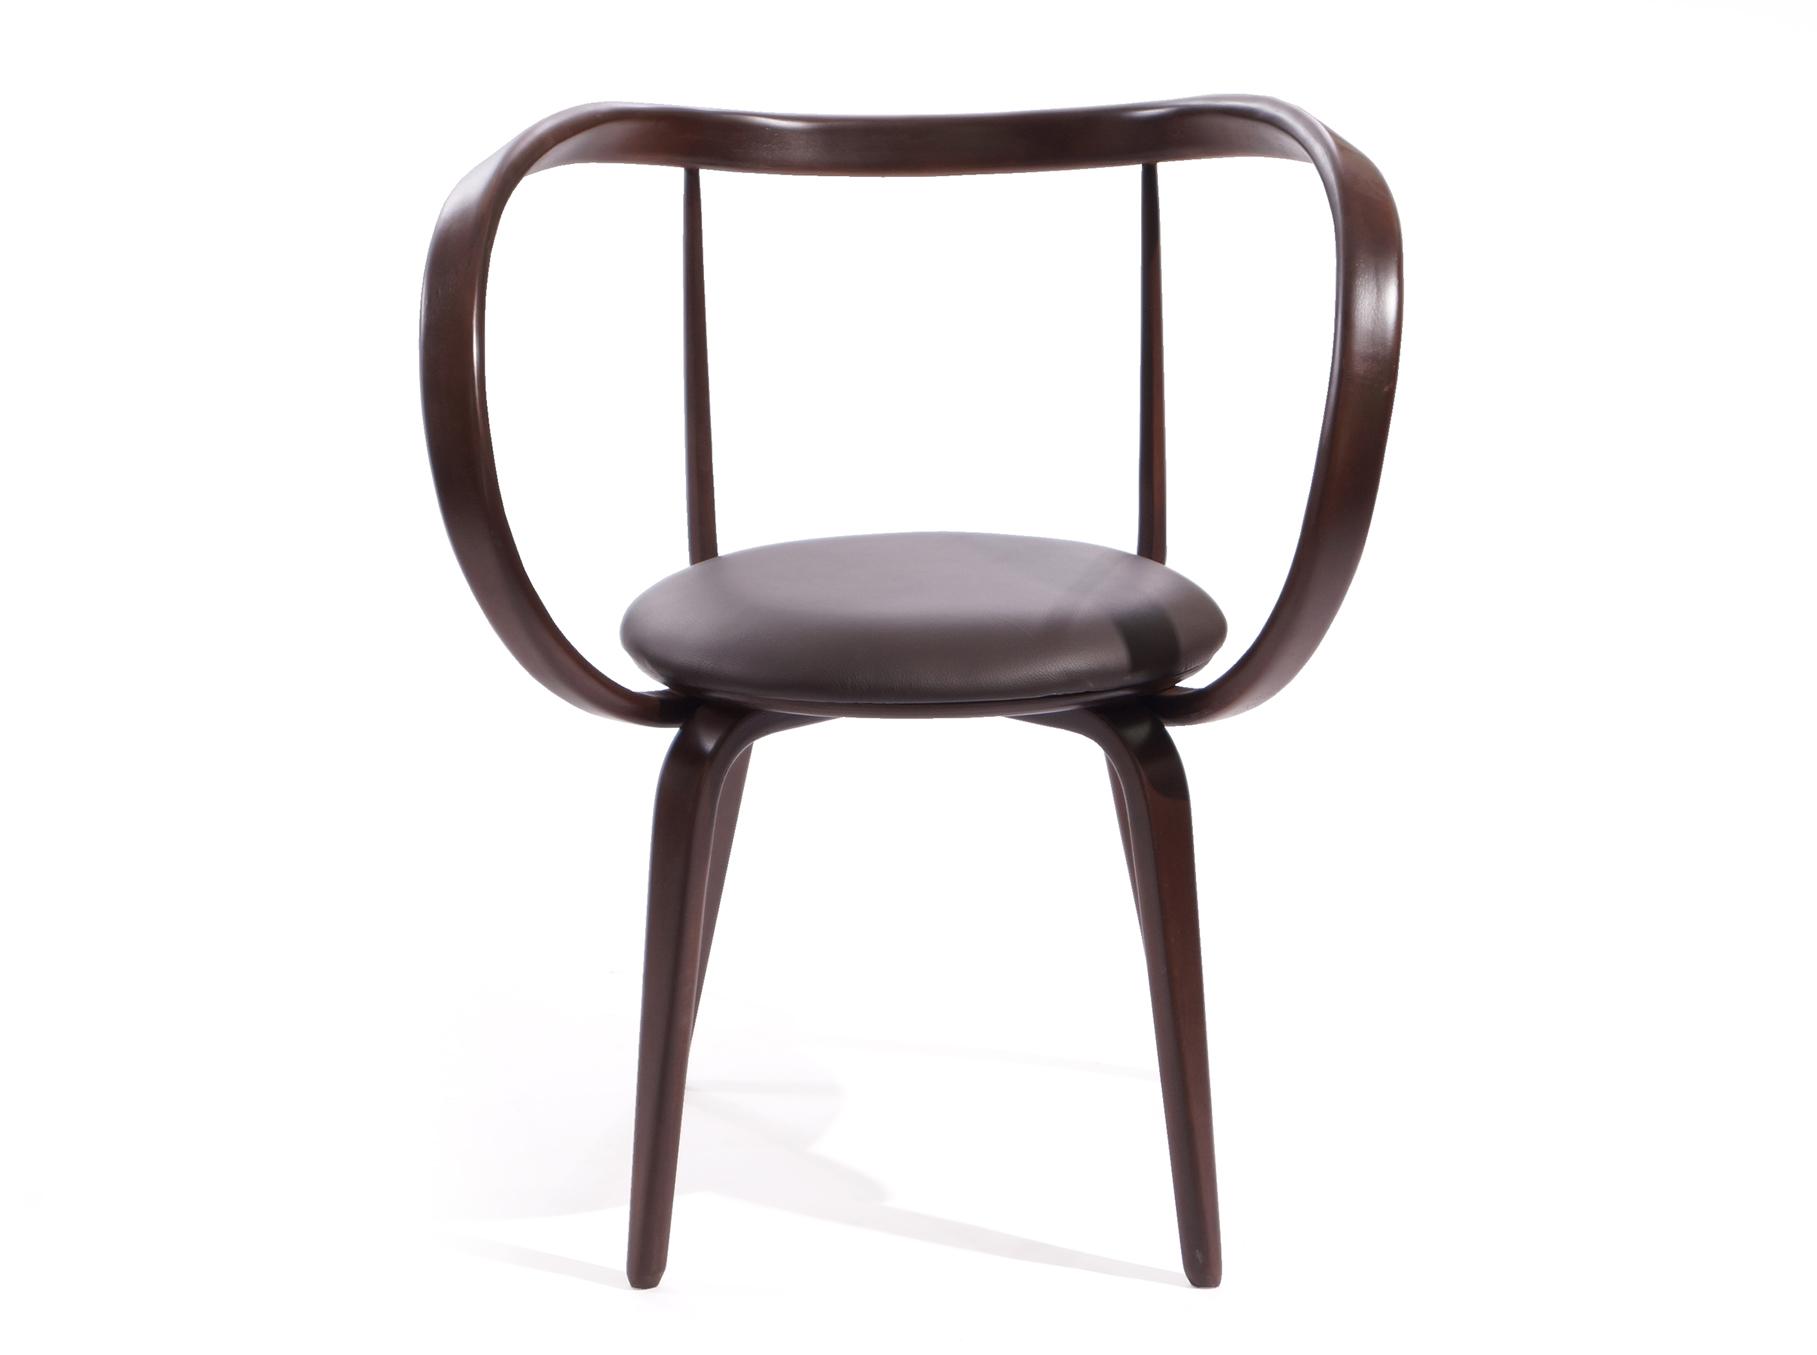 Стул Apriori XLОбеденные стулья<br>&amp;lt;div&amp;gt;Модификация стула априори L увеличенных размеров. При сохранении визуальной легкости стул остается прочным и удобным. Хорошо сочетается со столами серии apriori. Материал: Натуральное дерево, береза.&amp;amp;nbsp;&amp;lt;/div&amp;gt;&amp;lt;div&amp;gt;&amp;lt;br&amp;gt;&amp;lt;/div&amp;gt;&amp;lt;div&amp;gt;Обивка: натуральная кожа.&amp;lt;/div&amp;gt;<br><br>Material: Дерево<br>Length см: None<br>Width см: 75<br>Depth см: 62<br>Height см: 85